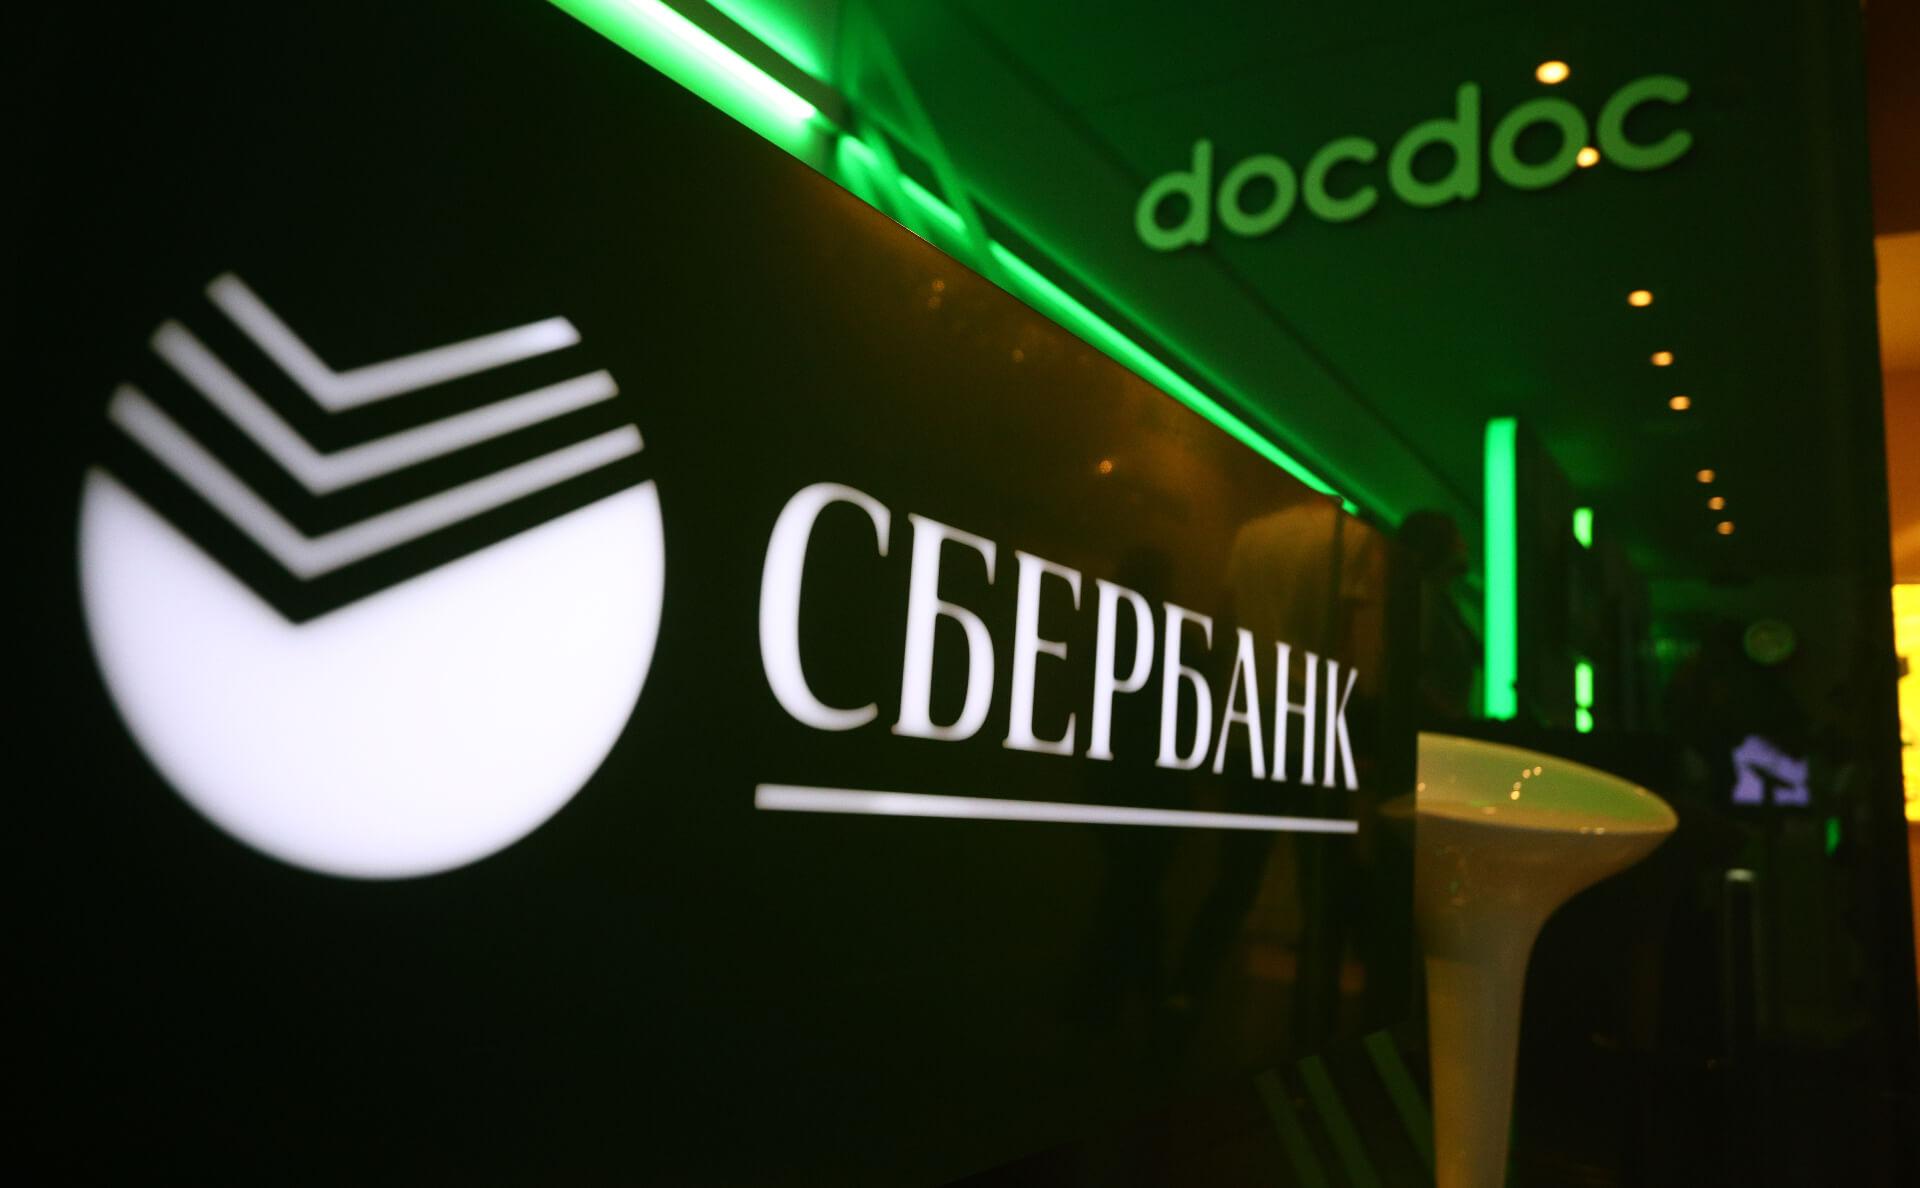 Вице-президент Сбербанка назвал Apple Card просто ещё одной кредиткой